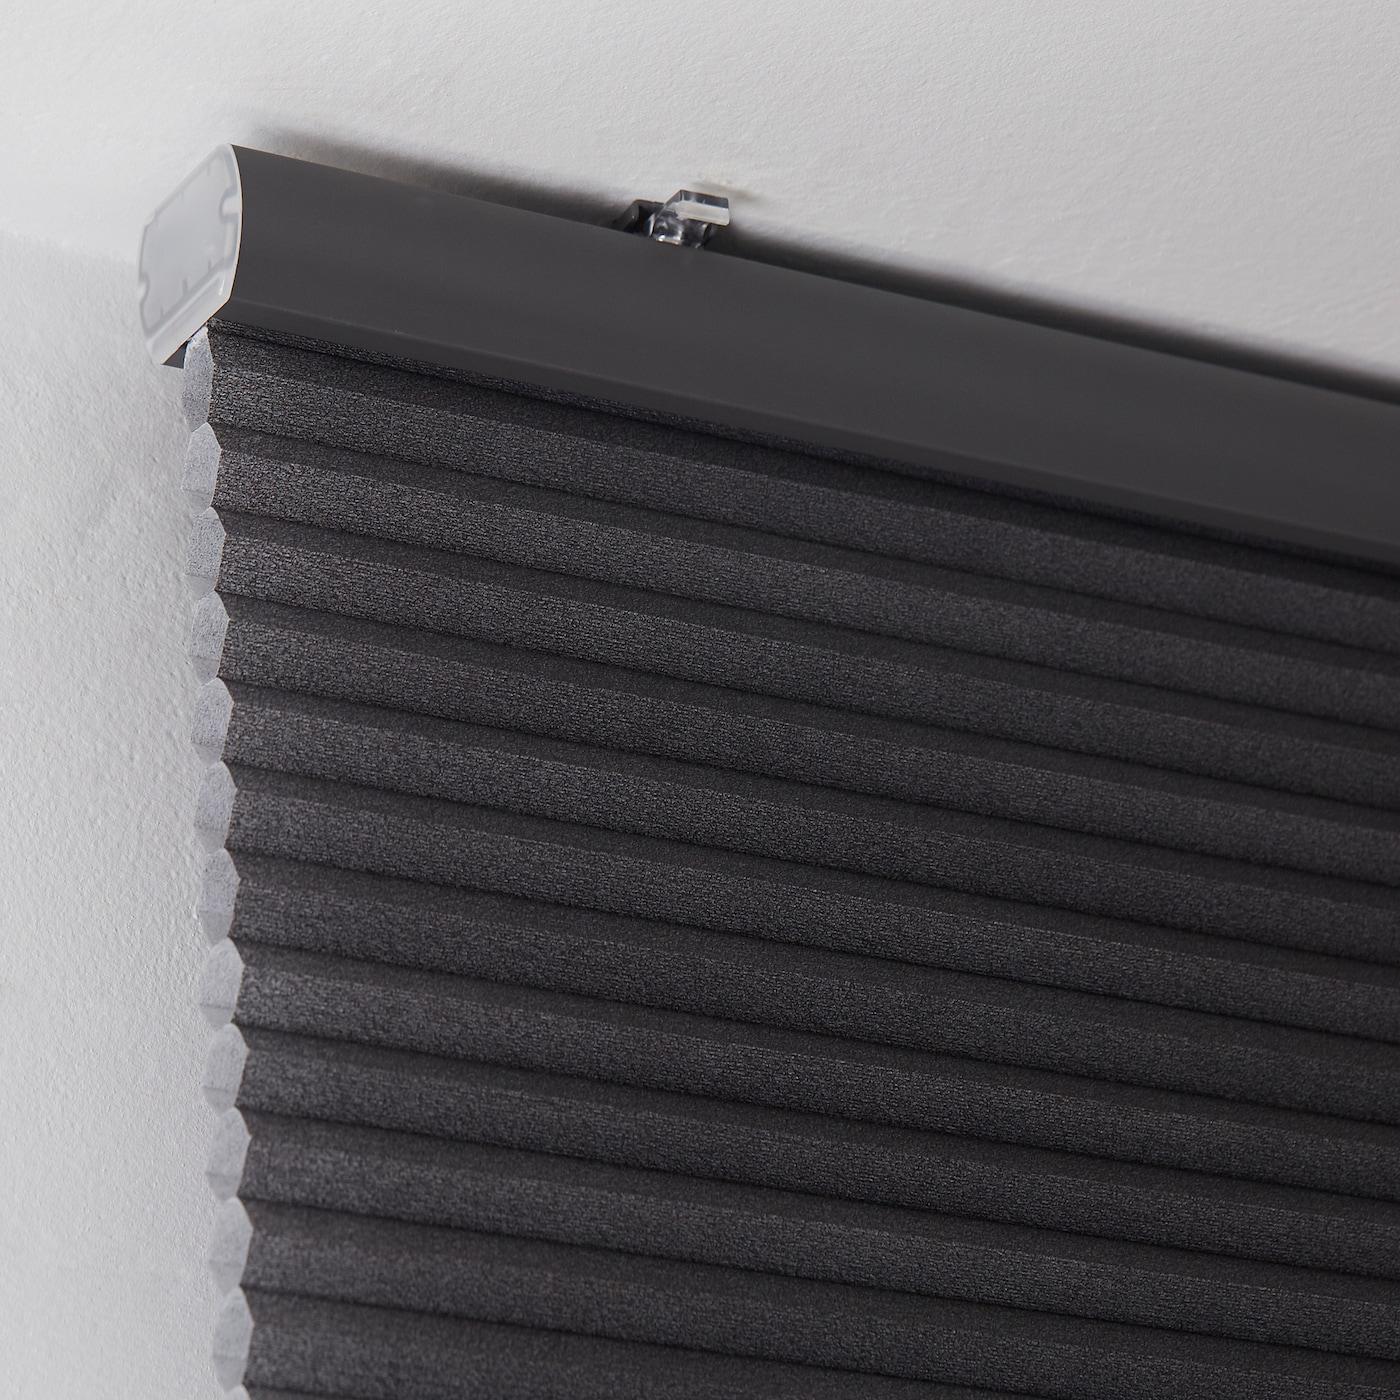 HOPPVALS plisségordijn, dubbel grijs 210 cm 100 cm 2.10 m²